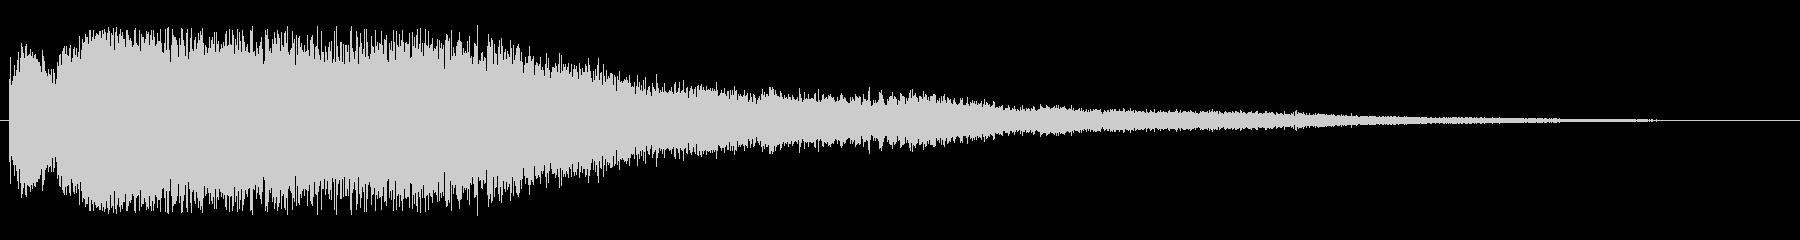 キラリン(高くて軽やかで涼やかな効果音)の未再生の波形